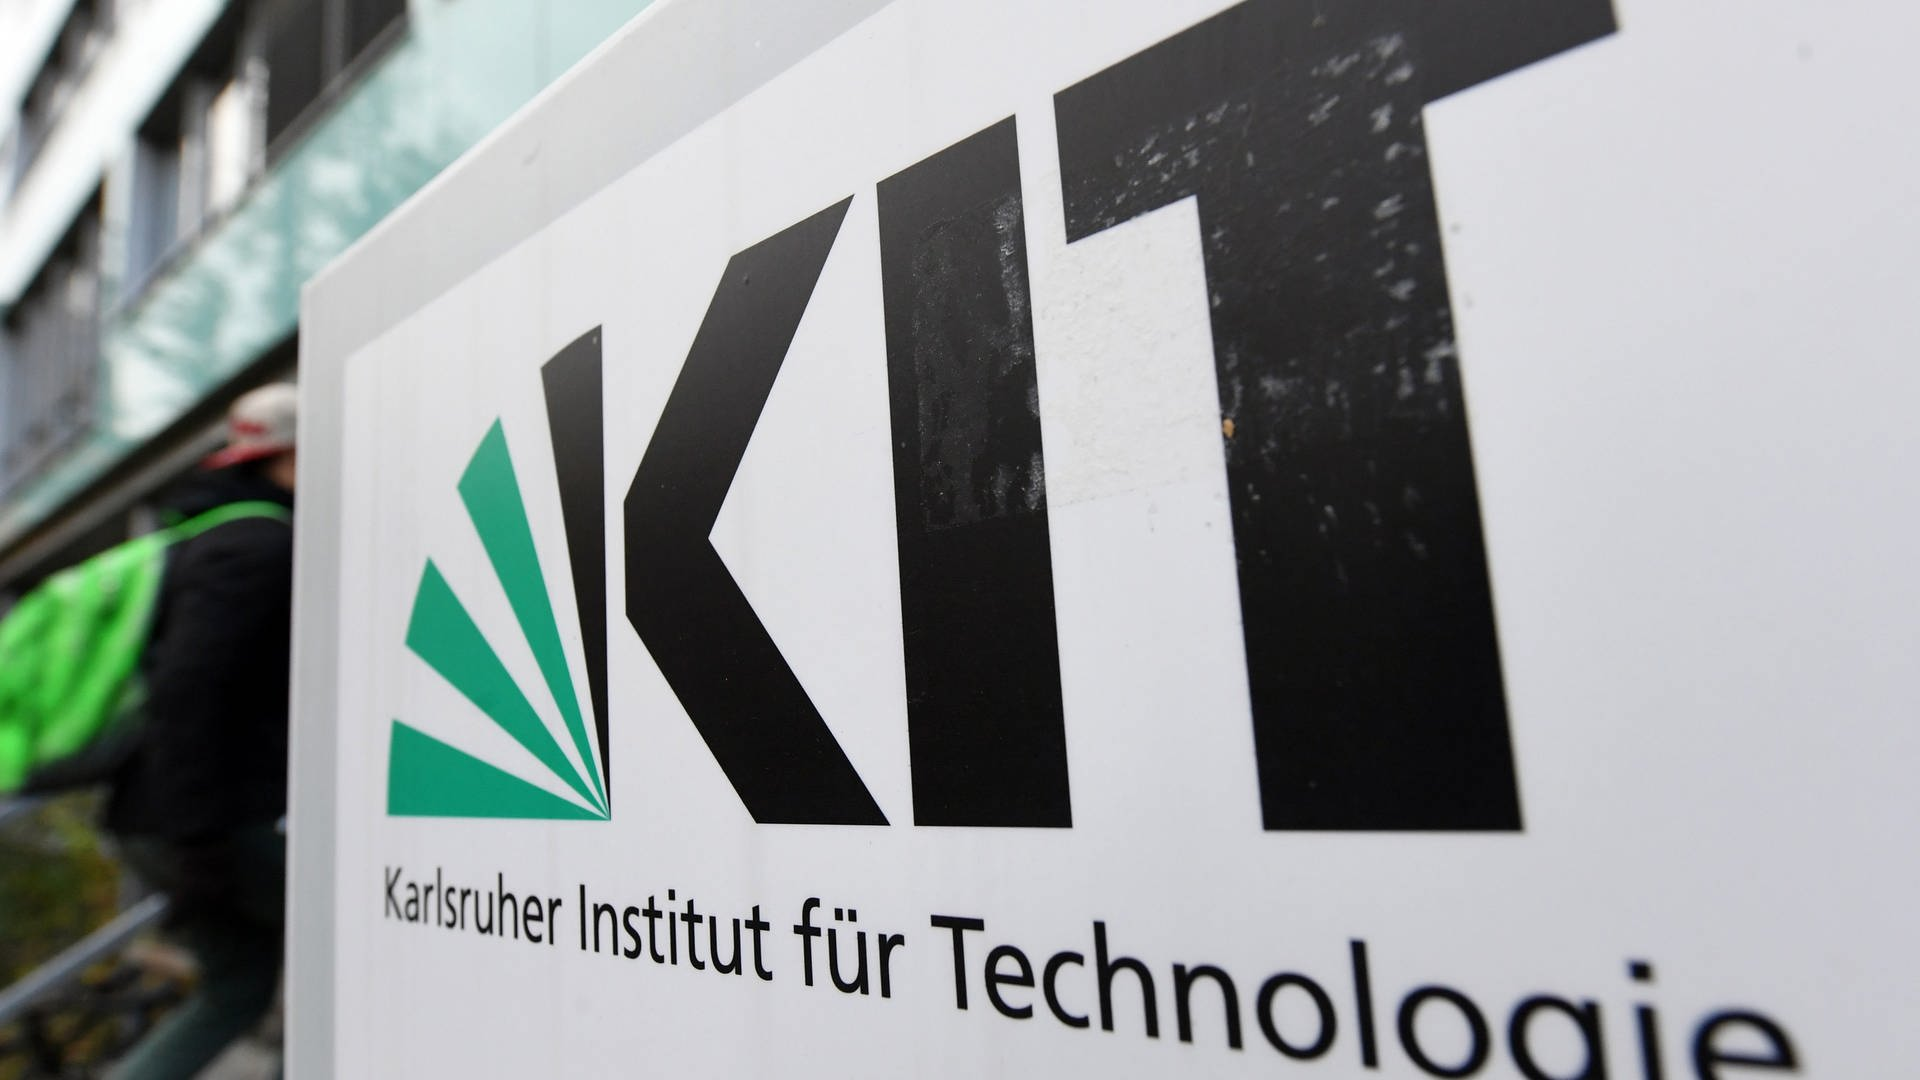 Logo Karlsruher Institut für Technologie KIT